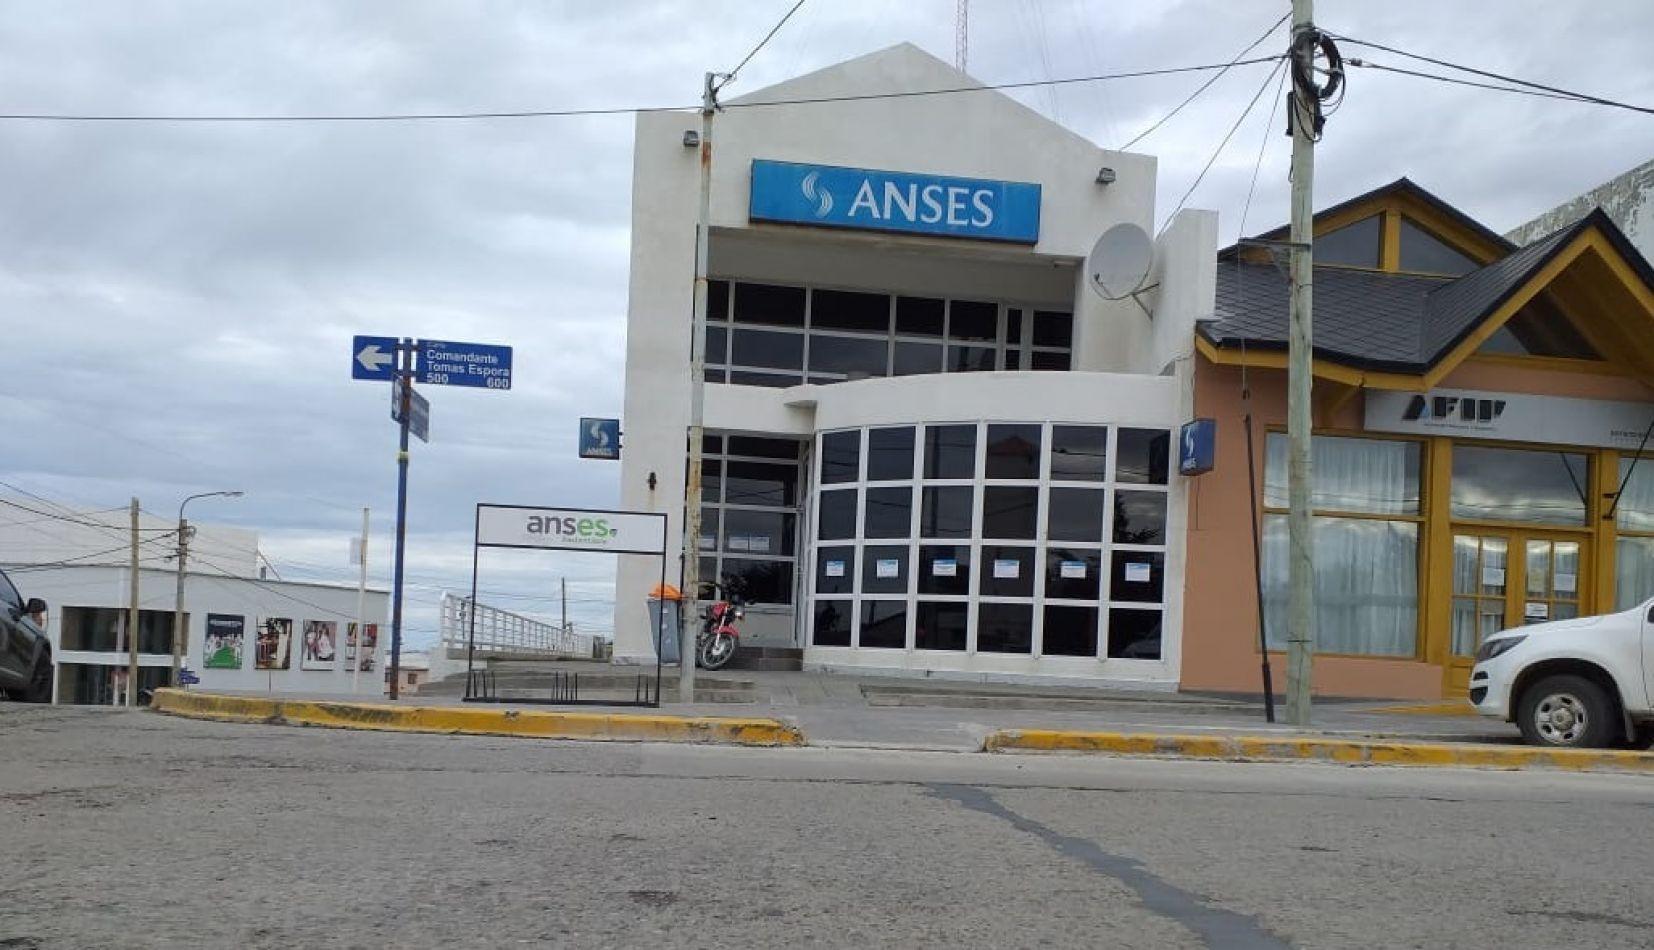 Sucursal de Anses de la ciudad de Río Grande Tierra del Fuego.